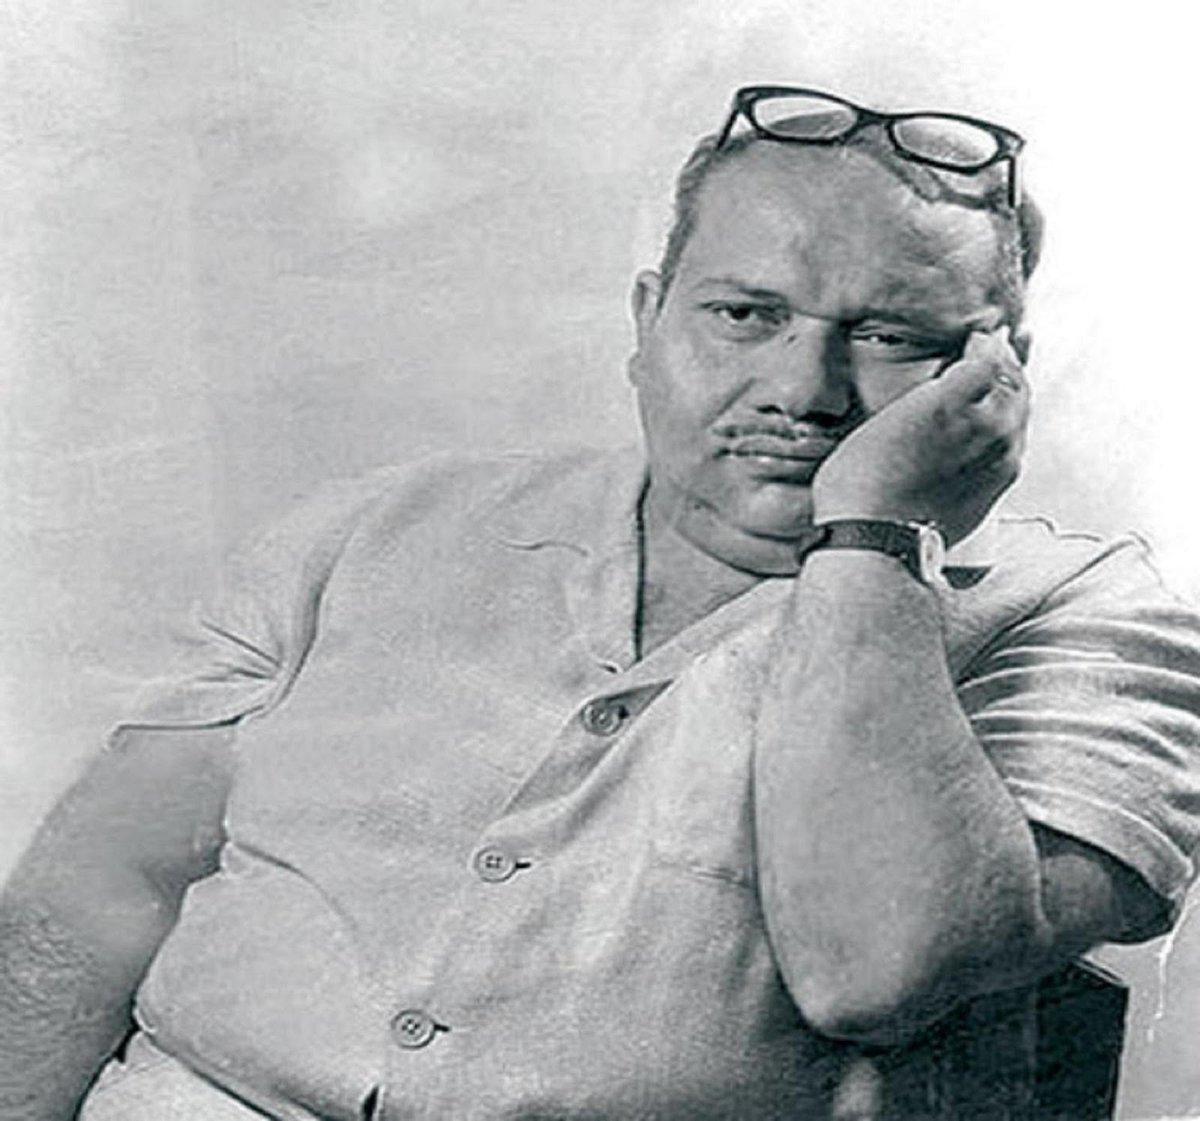 ذكرى فيلسوف الفقراء.. 90 عاما على ميلاد صلاح جاهين